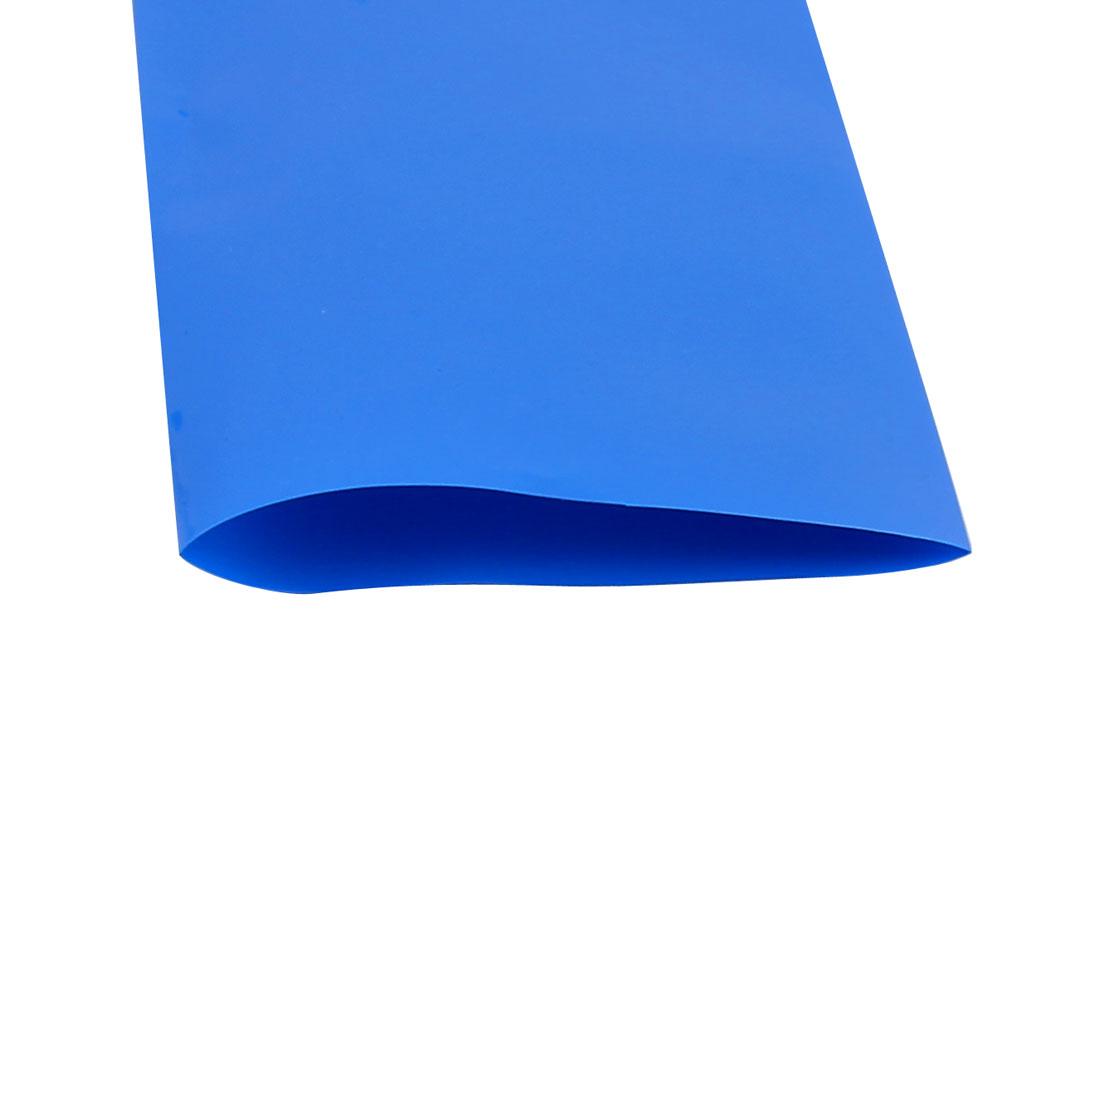 55mm Longueur 5.1 m Largeur Tube thermorétractable PVC bleu pour 18650 Pack batterie - image 1 de 2